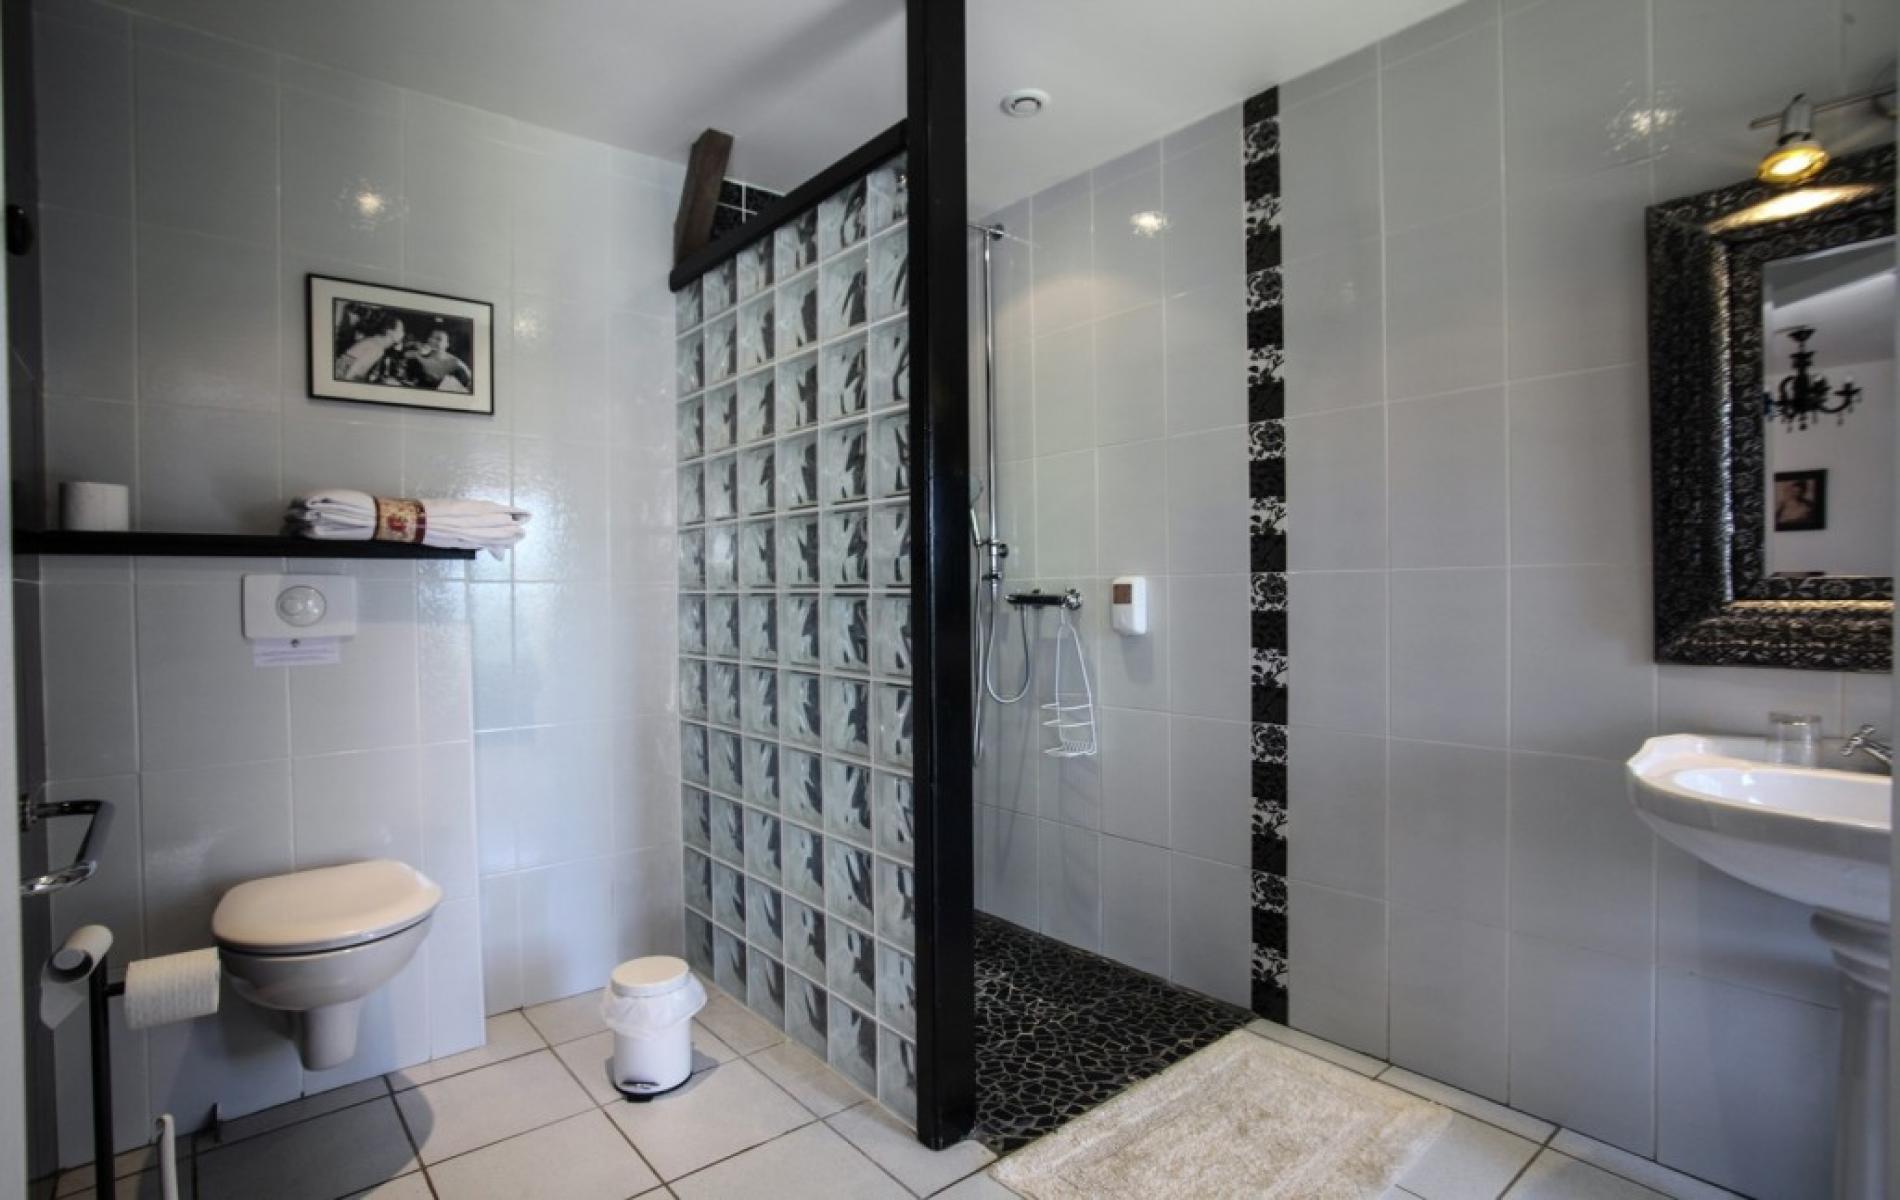 chambre sup rieure les offres et tarifs du domaine de la. Black Bedroom Furniture Sets. Home Design Ideas